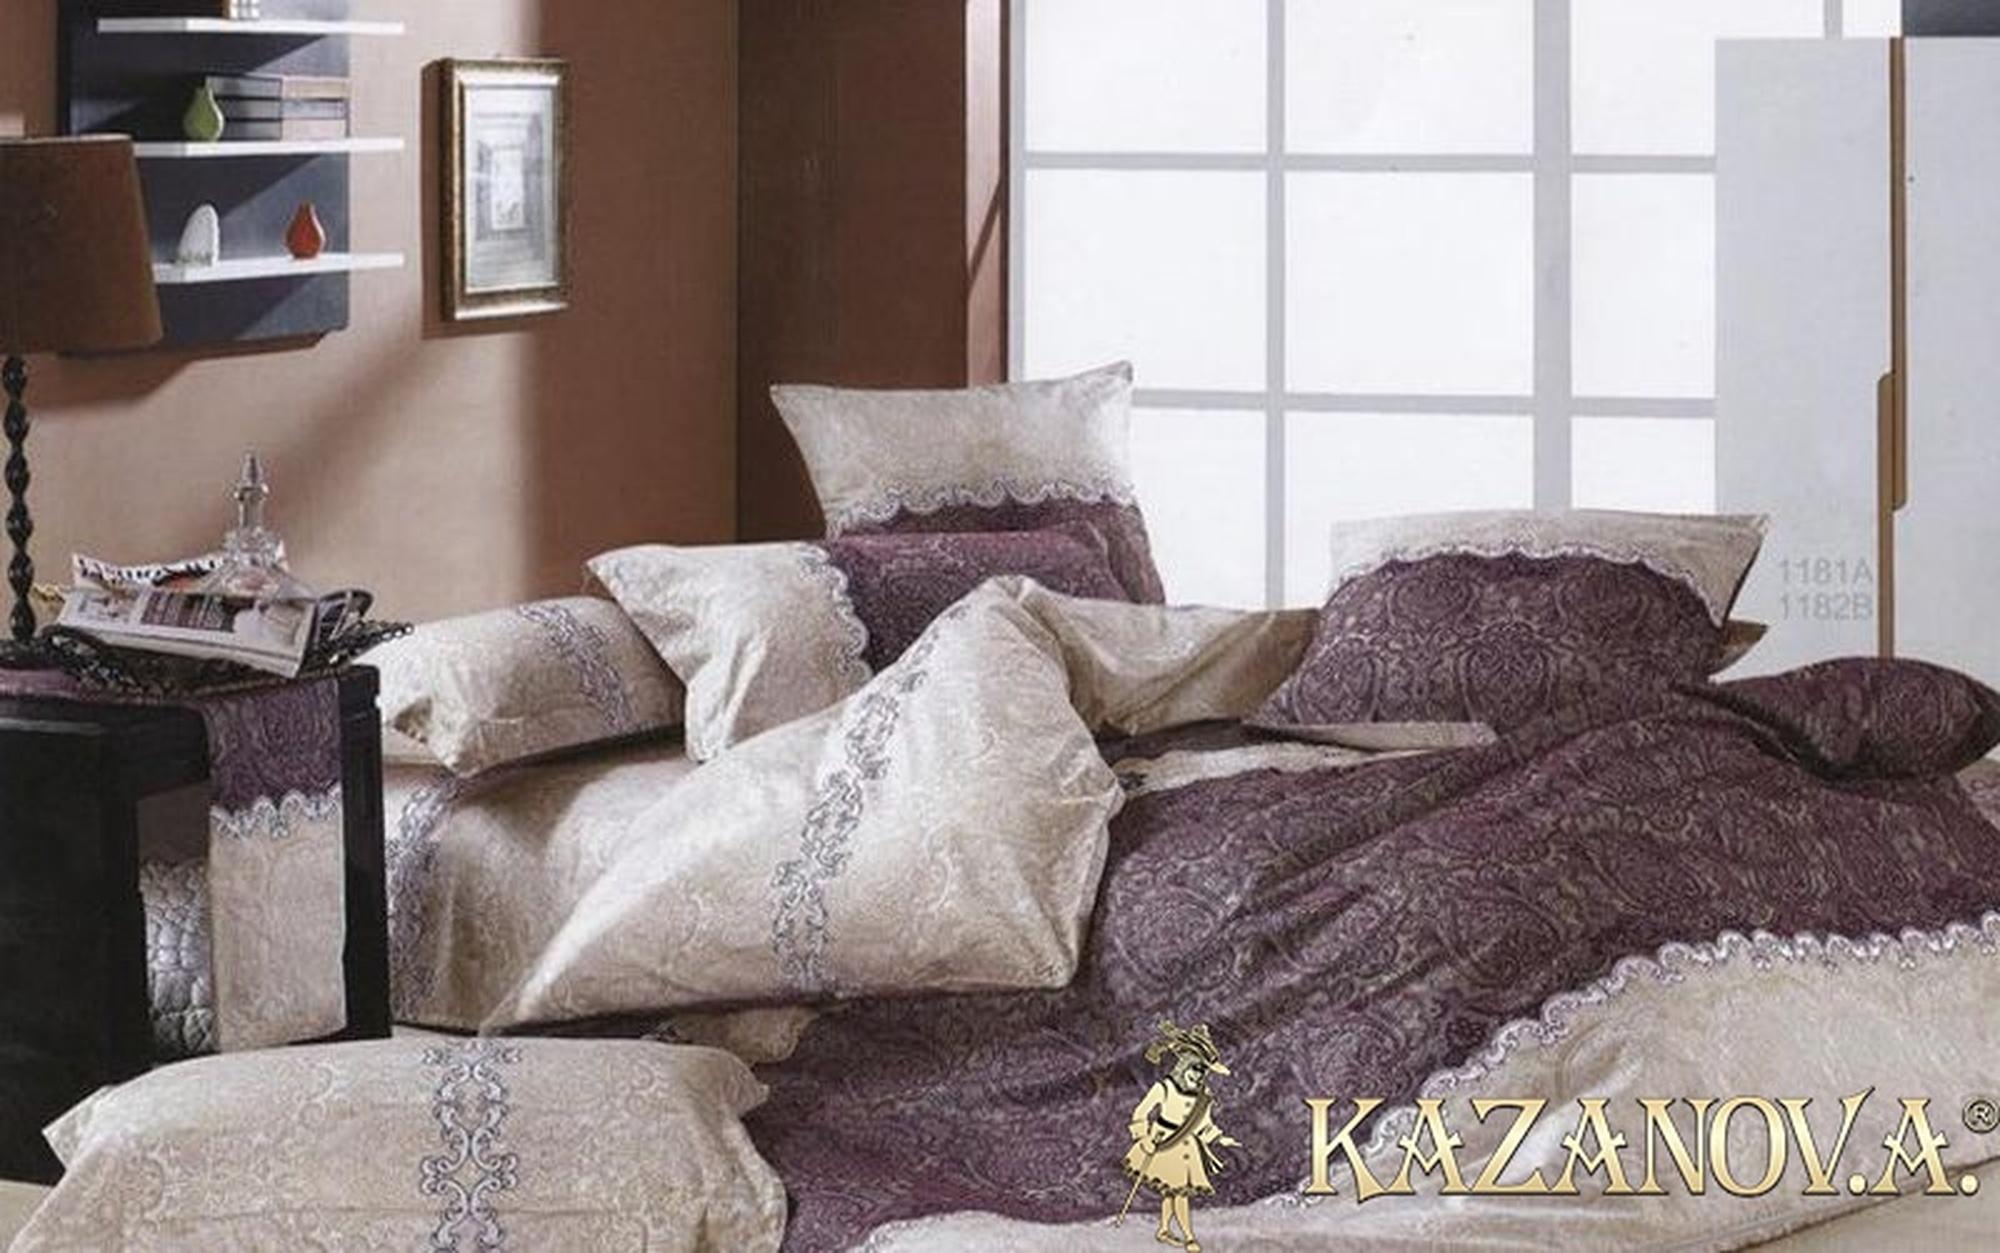 KAZANOV.A Камиль (бежево-фиолетовый) абстракция Комплект постельного белья евро, 6 предметов